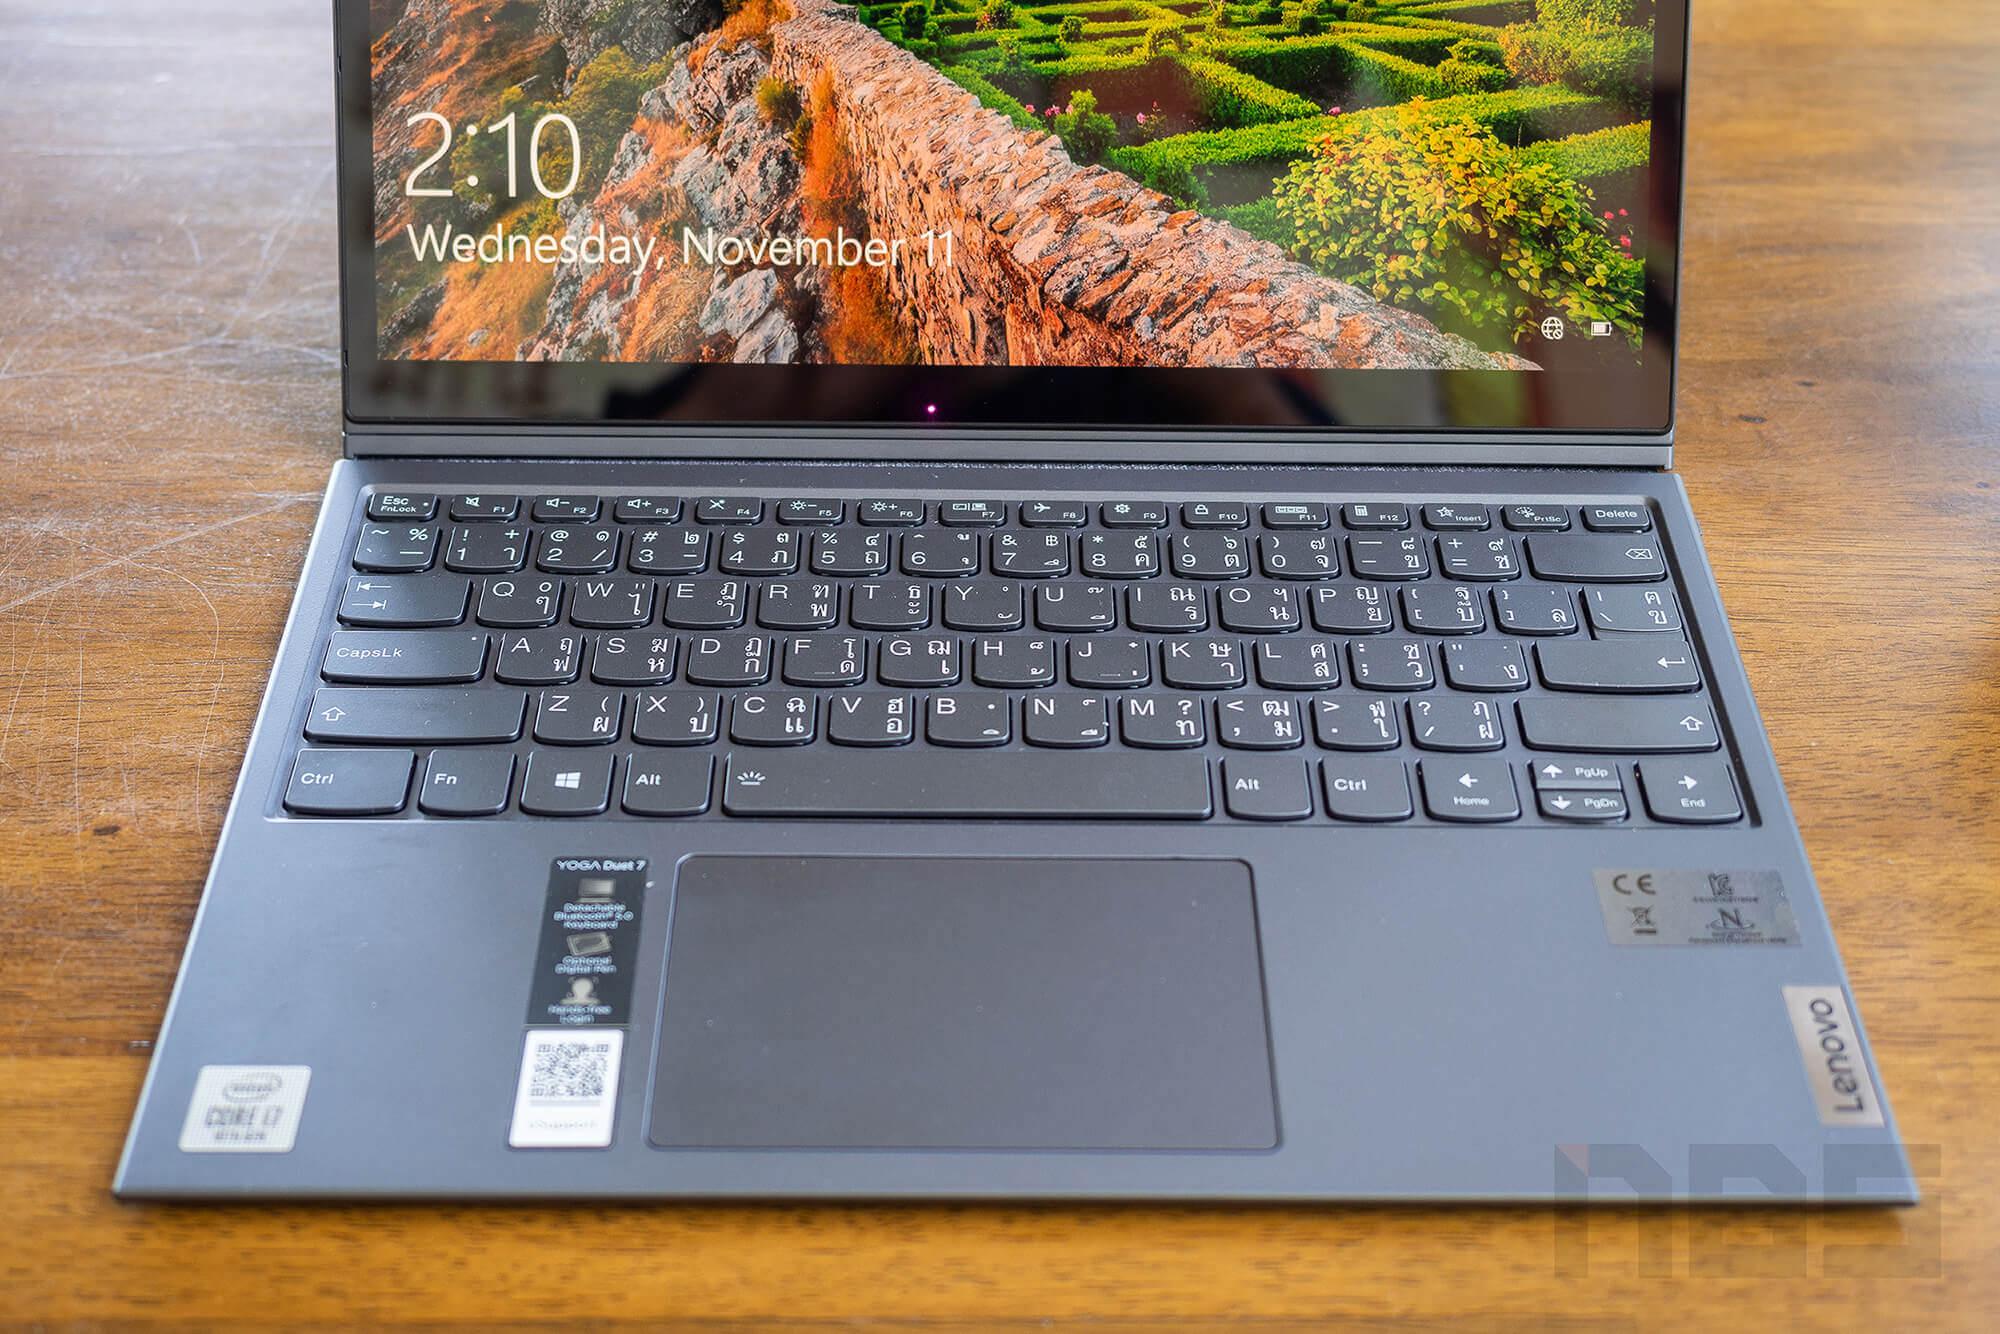 Review Lenovo YOGA Duet 7i NotebookSPEC 22